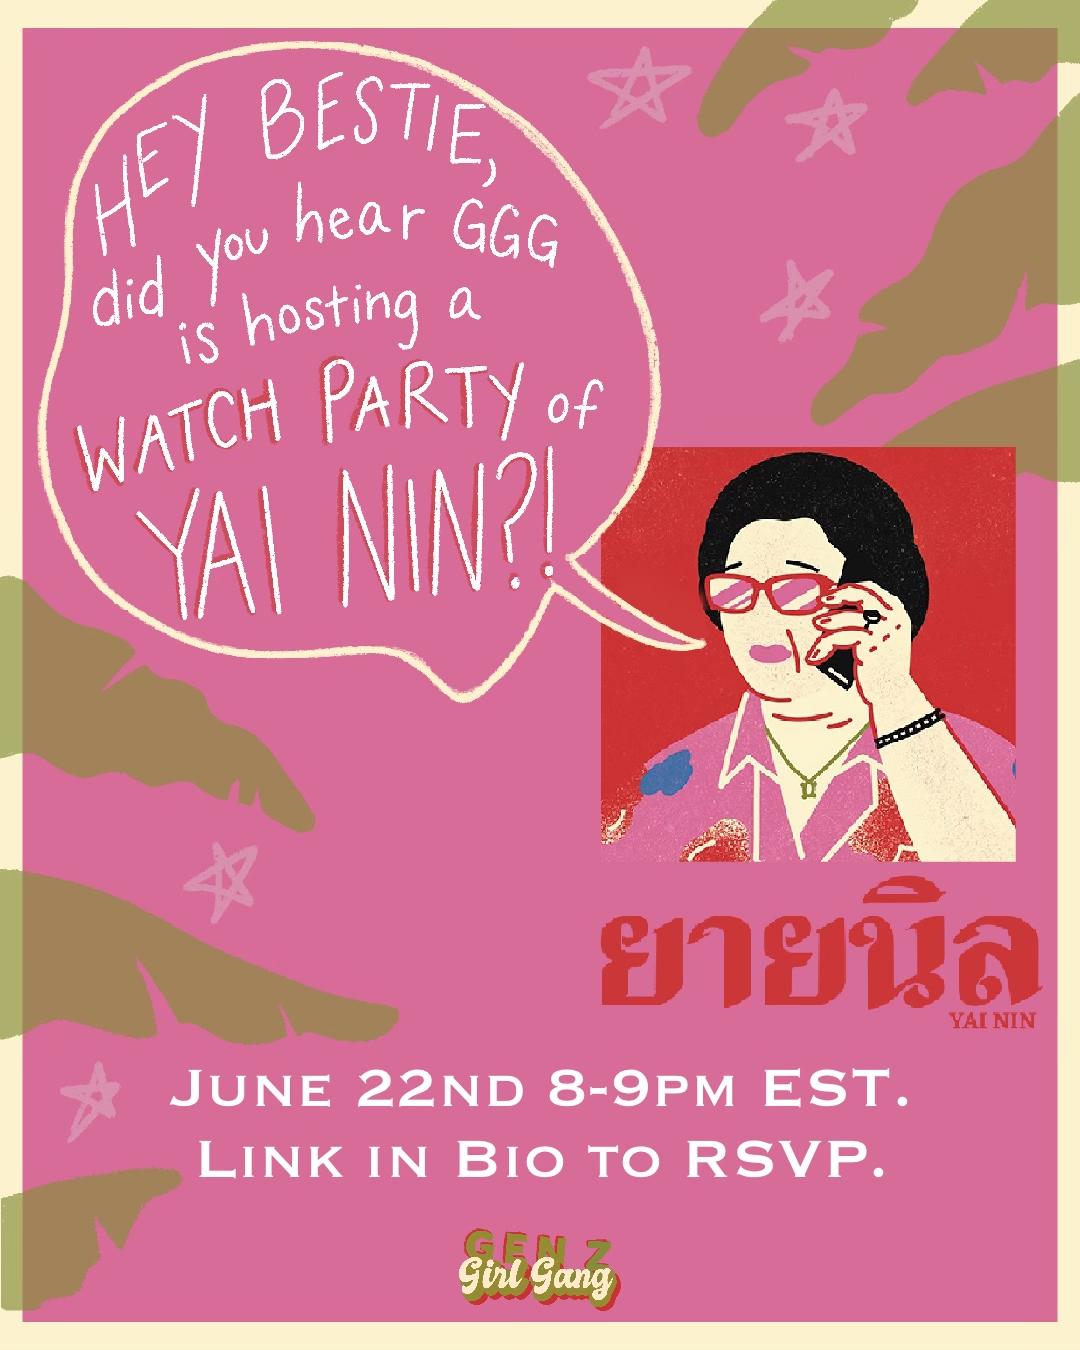 GenZ Girl Gang x Yai Nin Watch Party